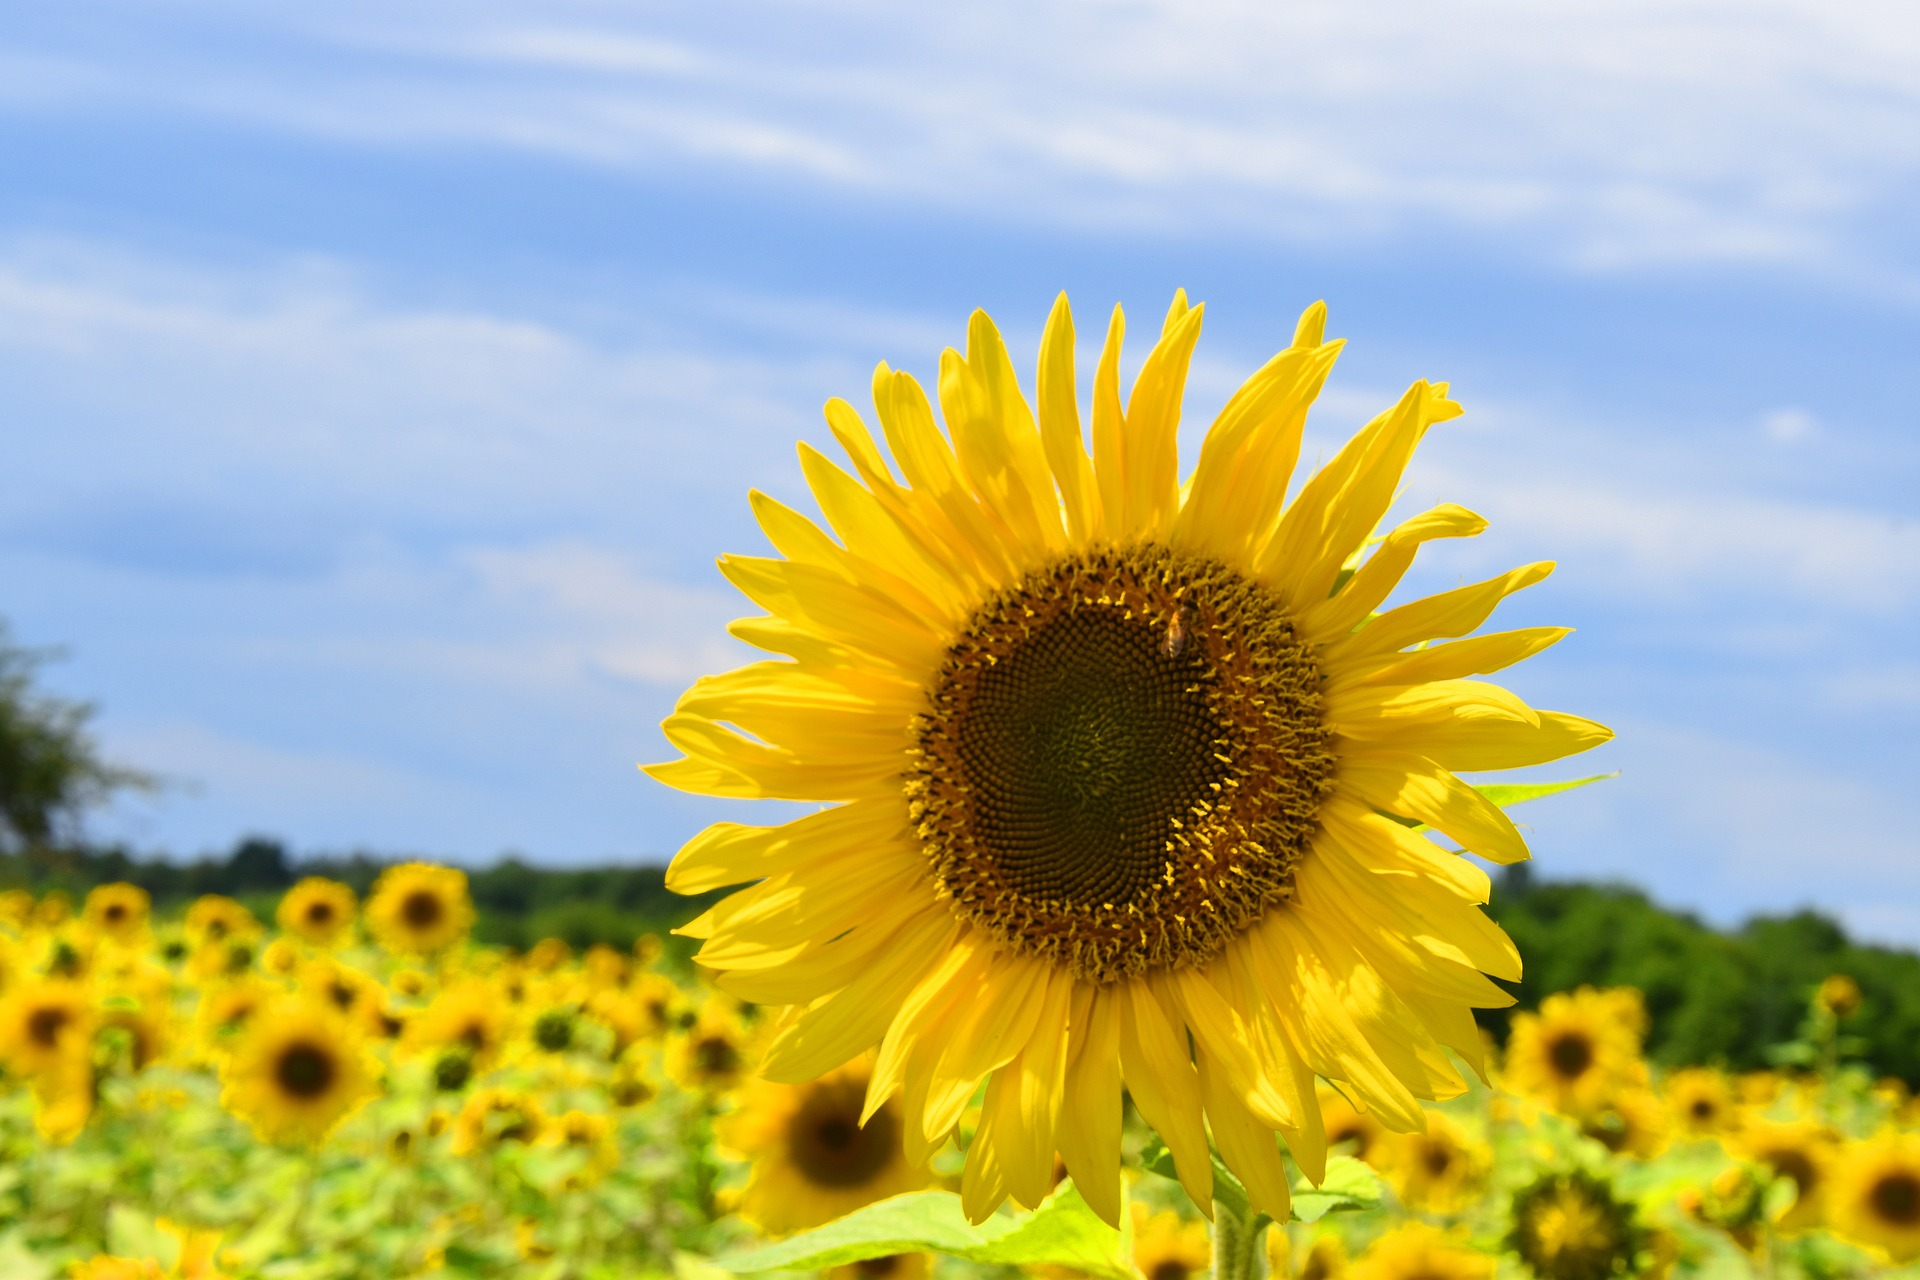 Ціни на соняшник та соняшникову олію знижуються